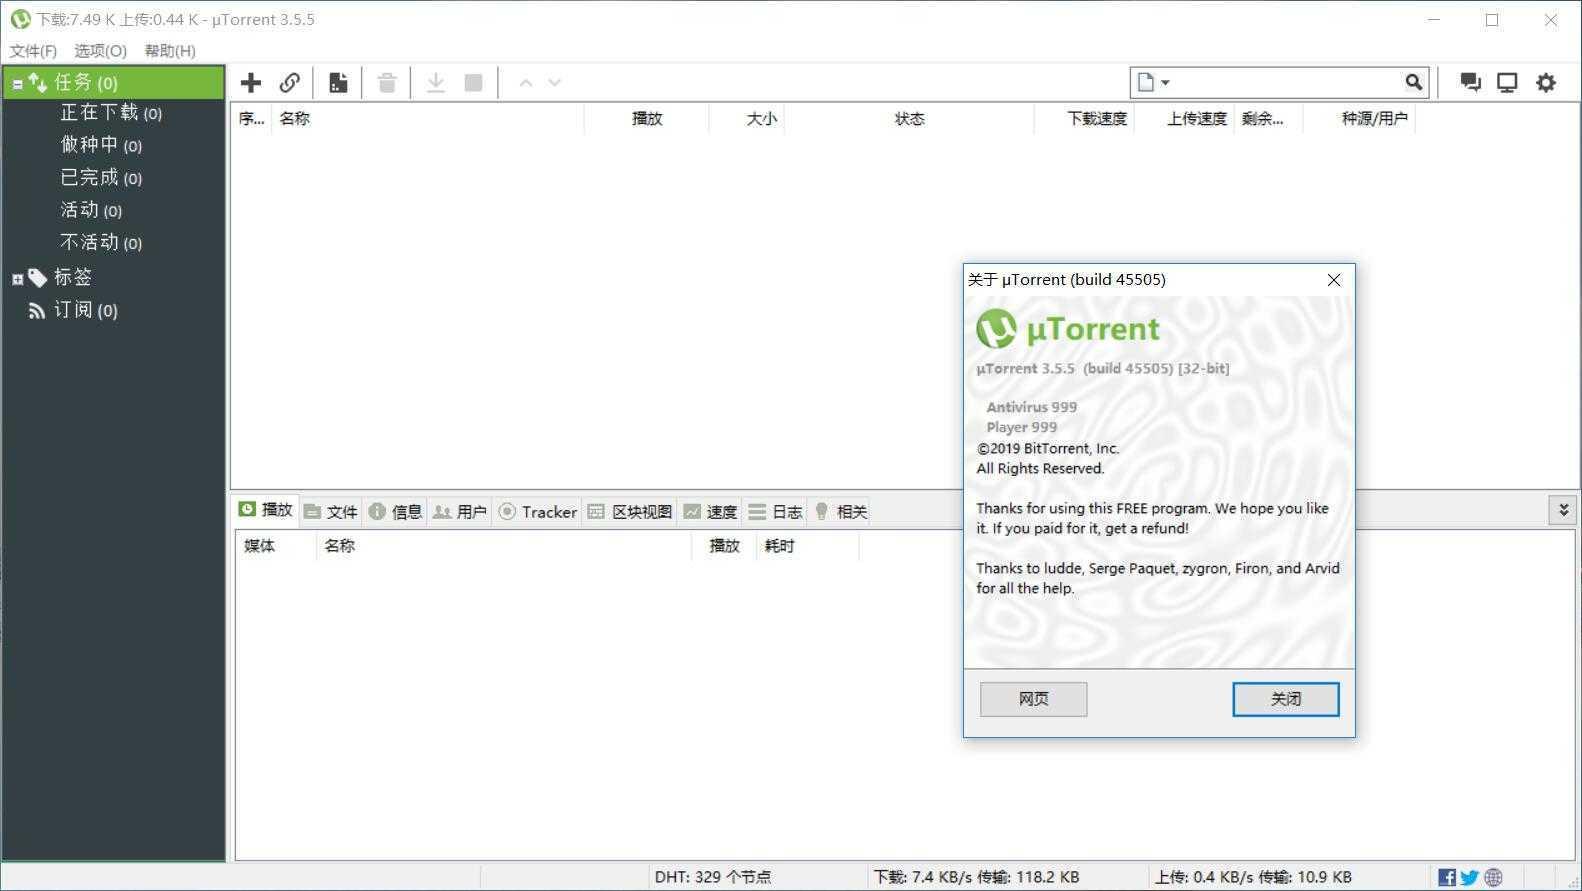 [Windows]BT种子下载神器:uTorrent Pro v3.5.5.46036 配图